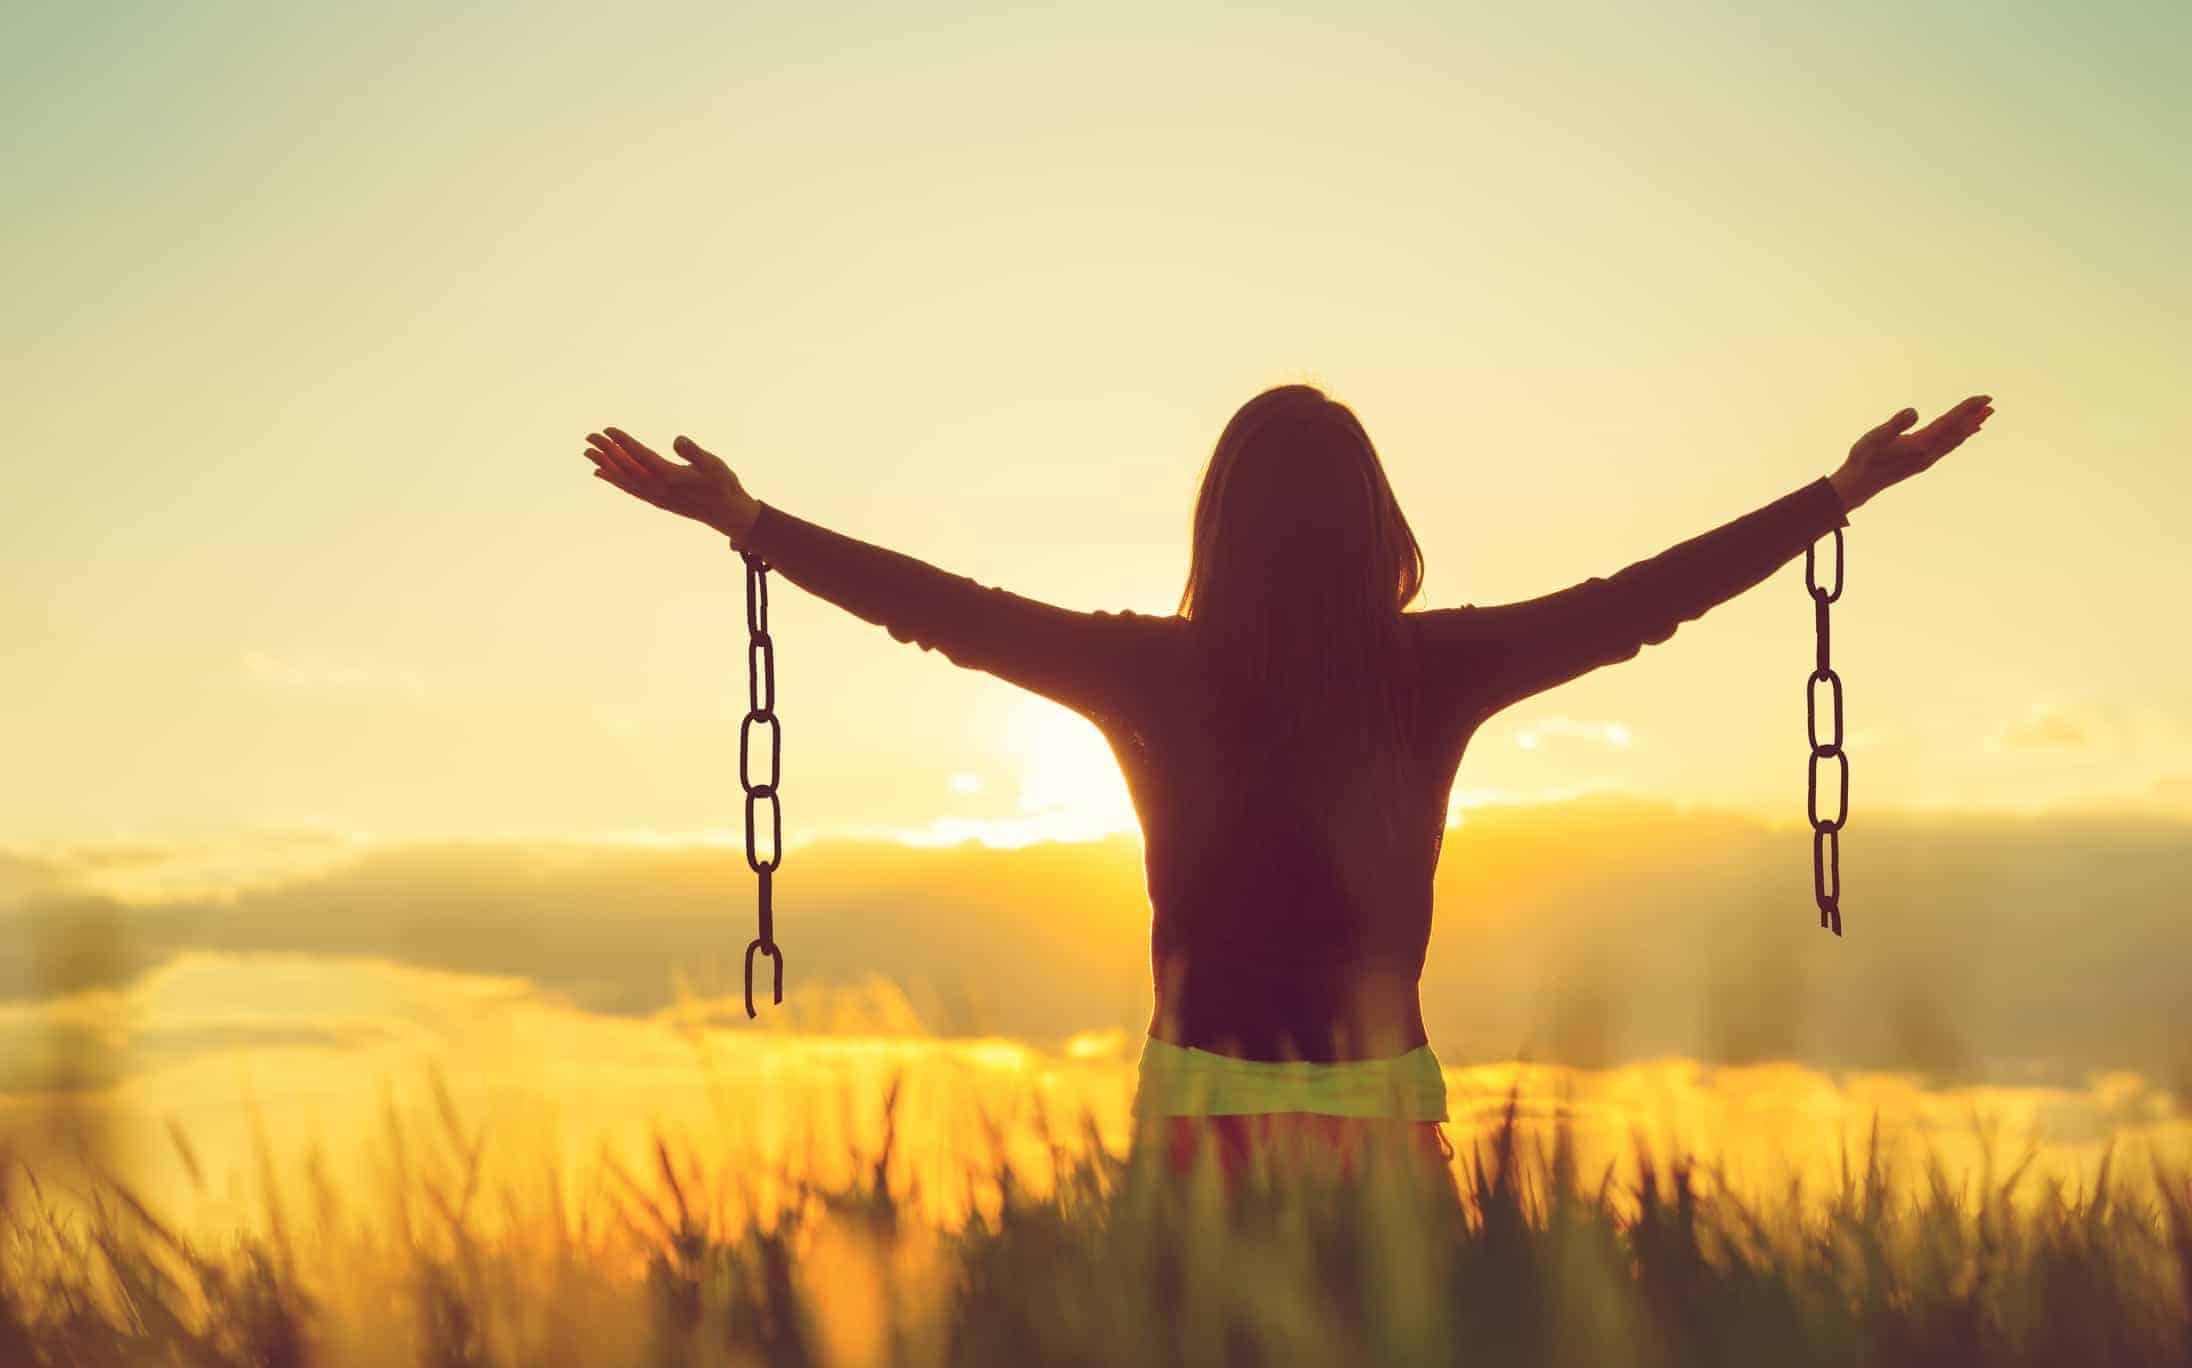 Overcome divorce challenges